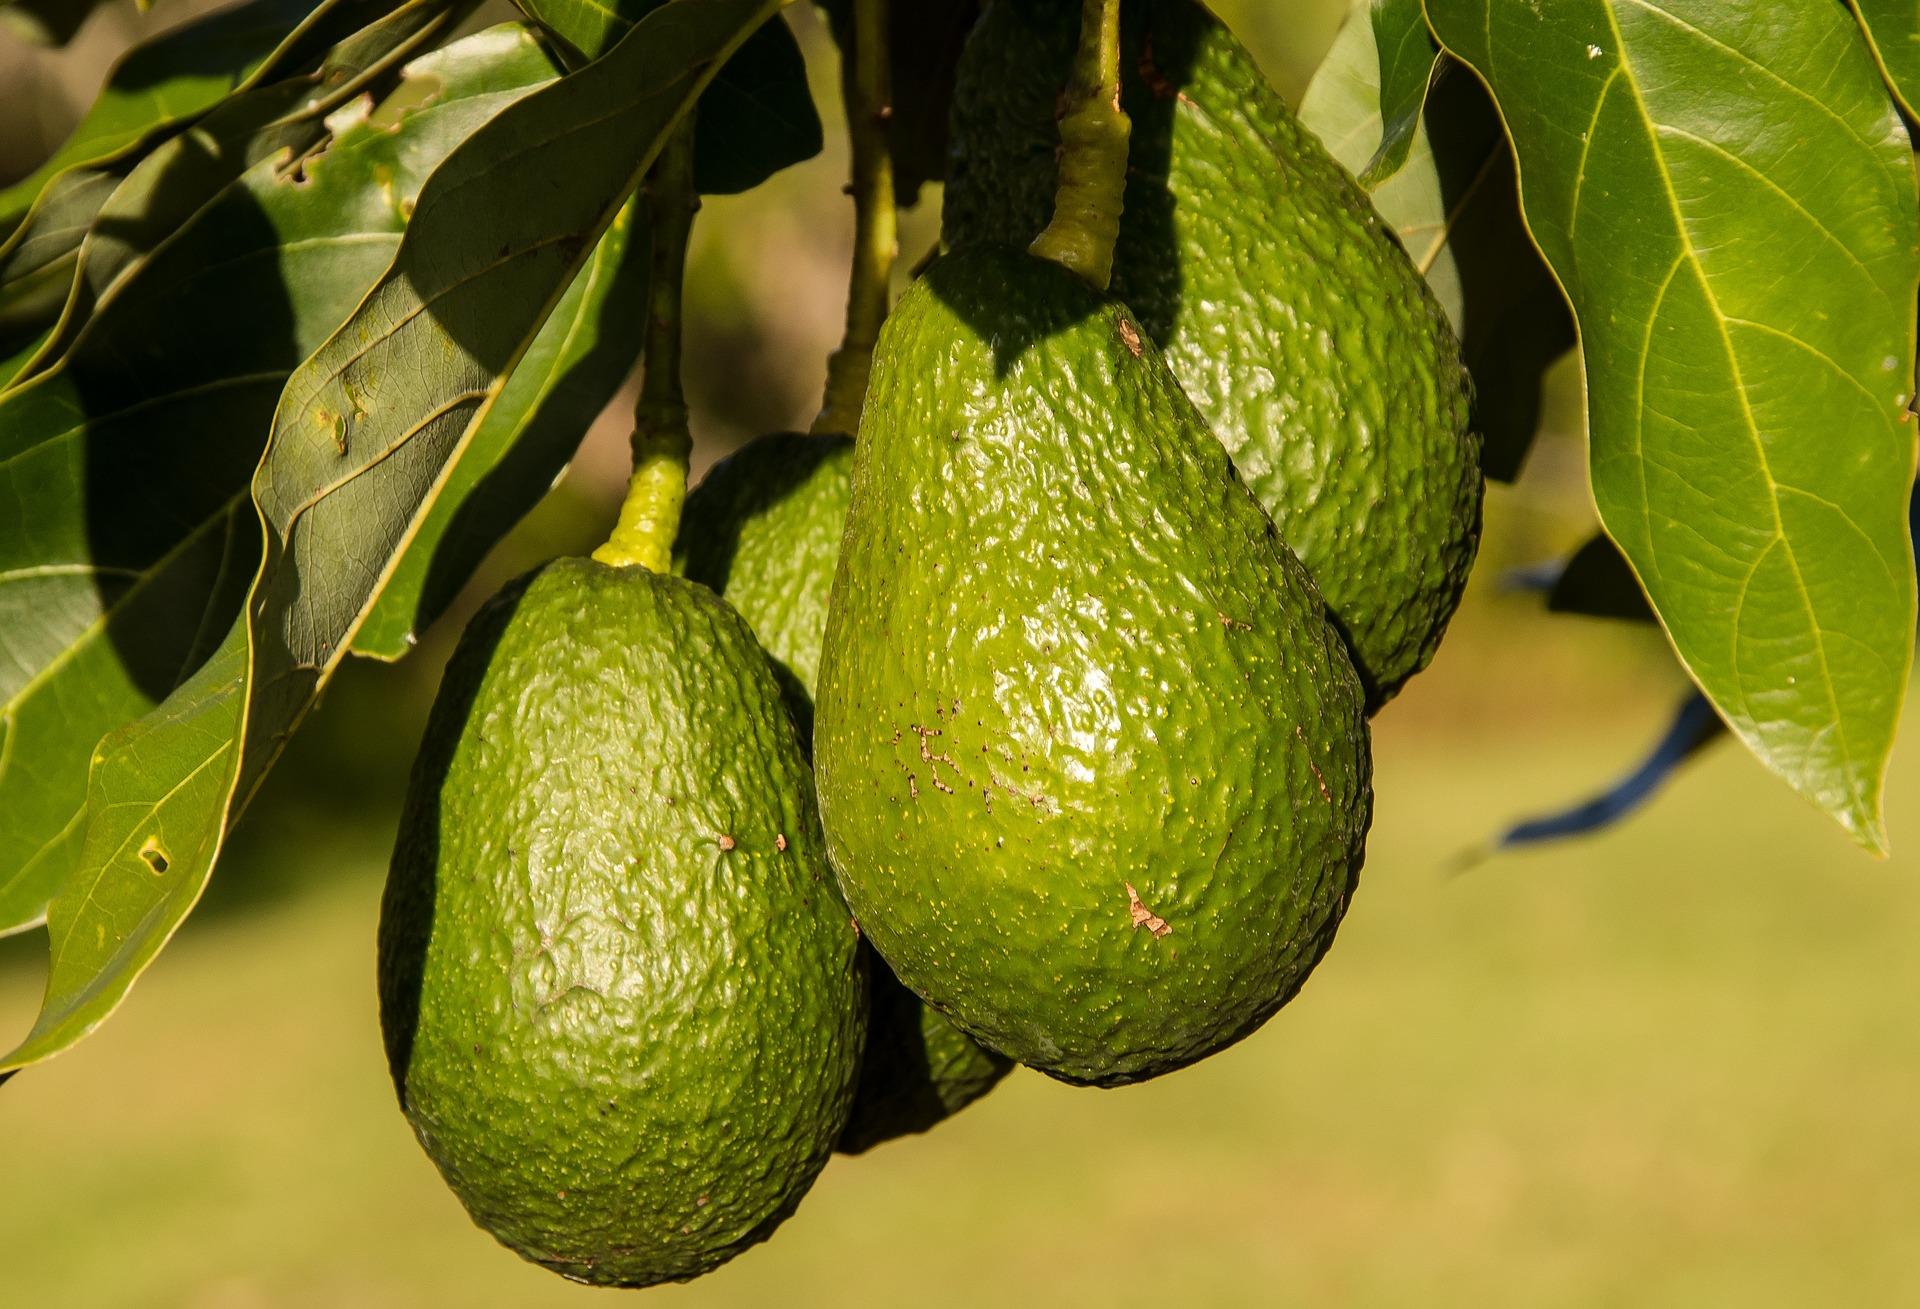 Pixabay – Avocado Agriculture